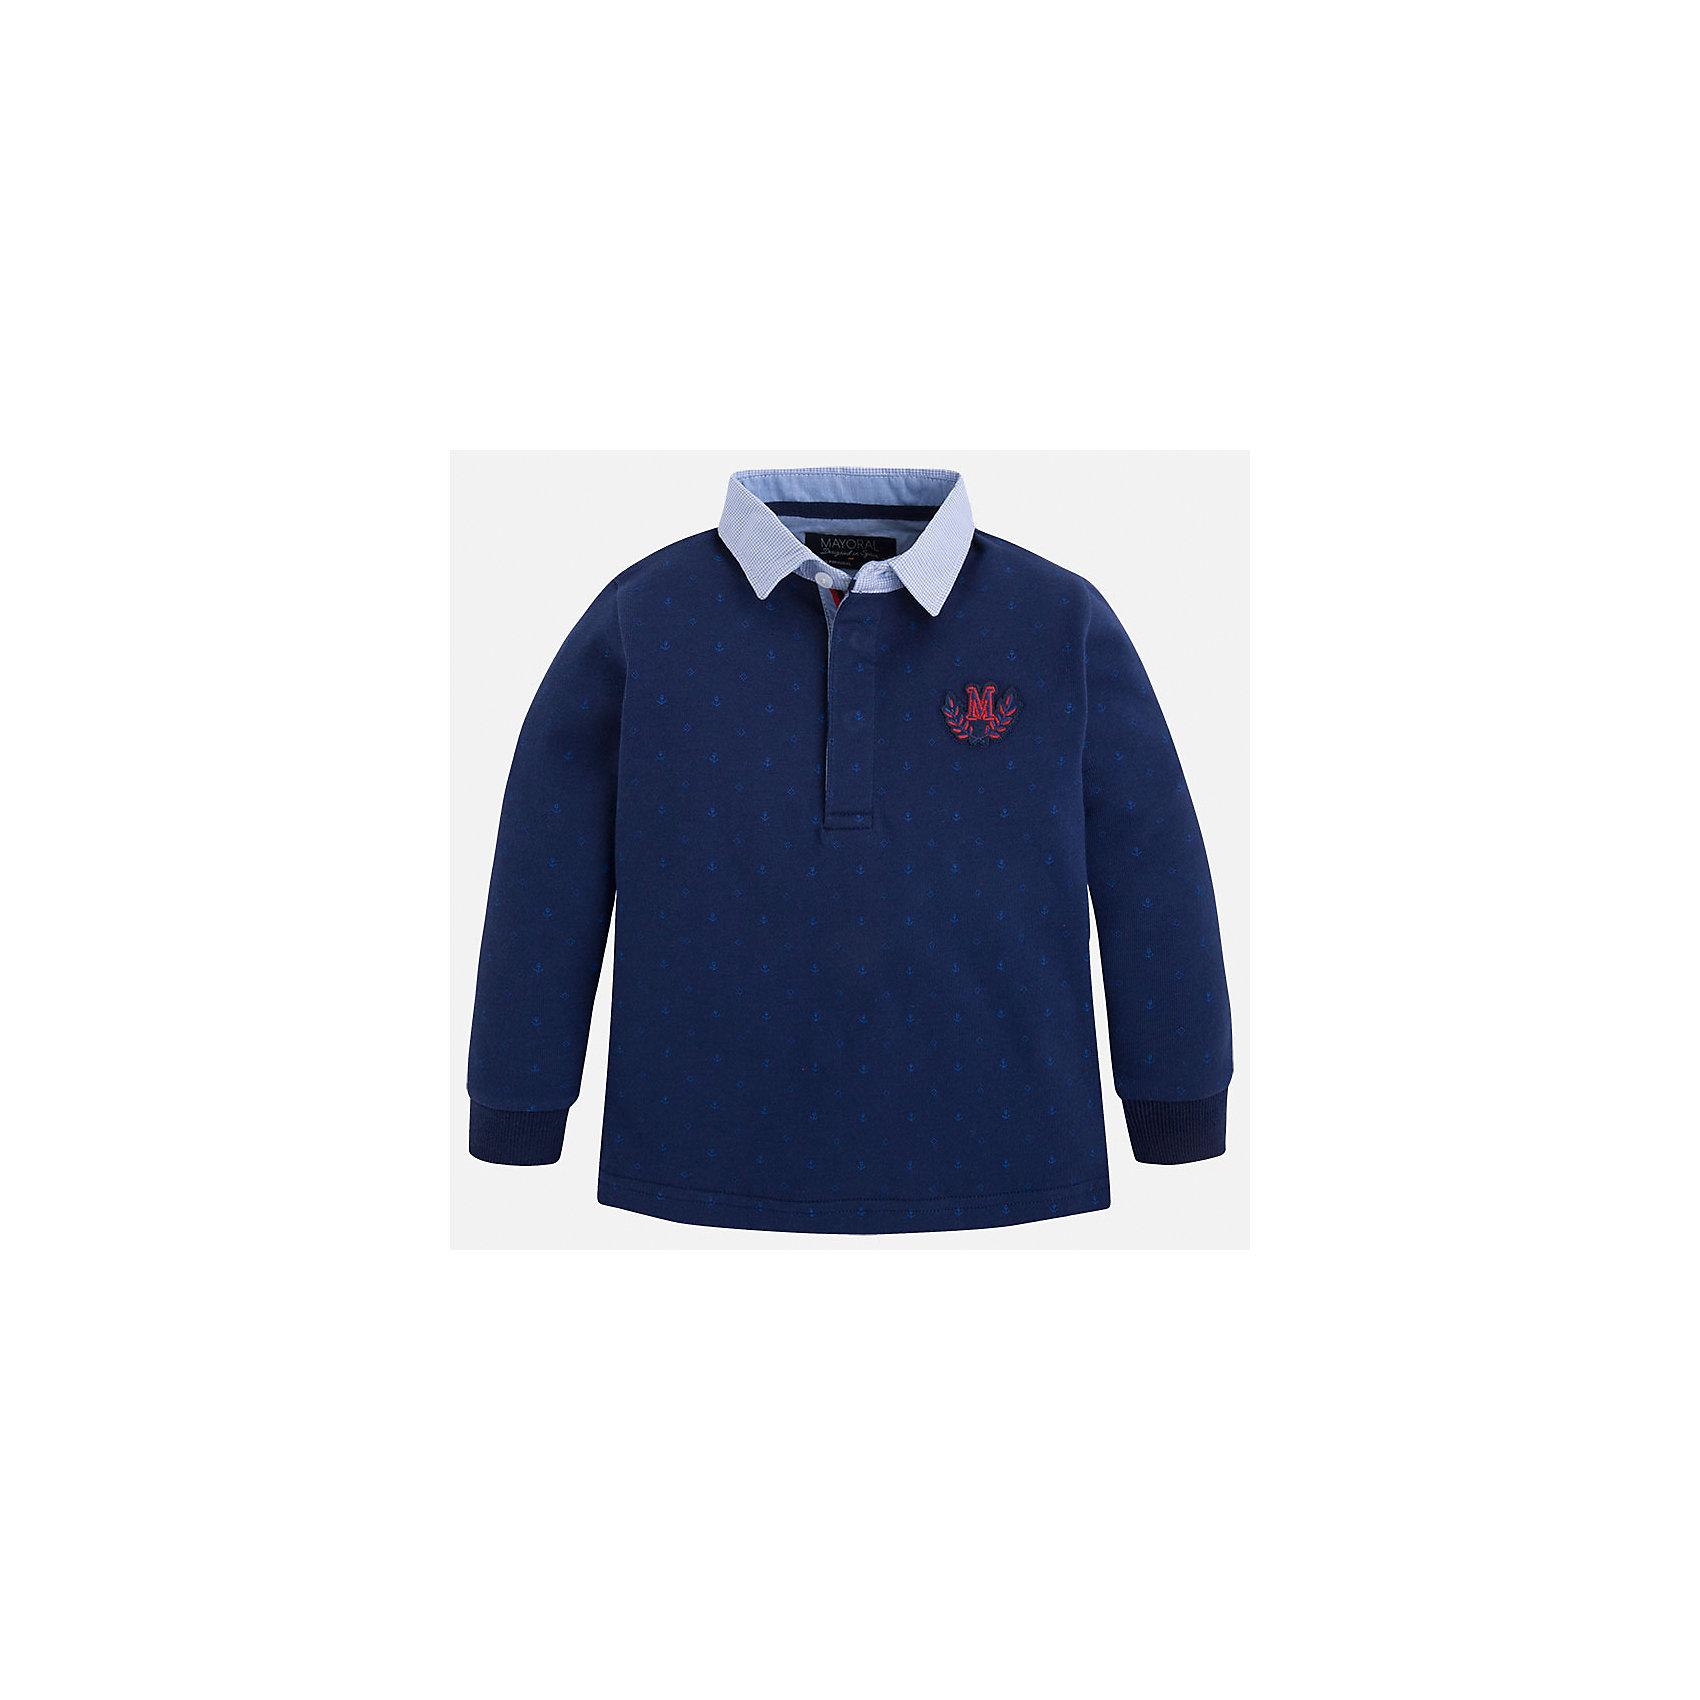 Рубашка-поло для мальчика MayoralРубашка-поло для мальчика Mayoral (Майорал) – это стильная, модная и практичная модель.<br>Элегантная рубашка-поло с длинными рукавами от известной испанской марки Mayoral (Майорал) выполненная из натурального хлопка, станет прекрасным дополнением гардероба вашего мальчика. Рубашка с воротником контрастного цвета декорирована логотипом производителя. Ворот застегивается на пуговицы, застежка скрыта. Комфортный прямой крой гарантирует свободу движений.<br><br>Дополнительная информация:<br><br>- Цвет: синий, голубой<br>- Состав: 100% хлопок<br>- Уход: бережная стирка при 30 градусах<br><br>Рубашку-поло для мальчика Mayoral (Майорал) можно купить в нашем интернет-магазине.<br><br>Ширина мм: 174<br>Глубина мм: 10<br>Высота мм: 169<br>Вес г: 157<br>Цвет: синий<br>Возраст от месяцев: 36<br>Возраст до месяцев: 48<br>Пол: Мужской<br>Возраст: Детский<br>Размер: 104,128,134,122,116,110,98<br>SKU: 4820929